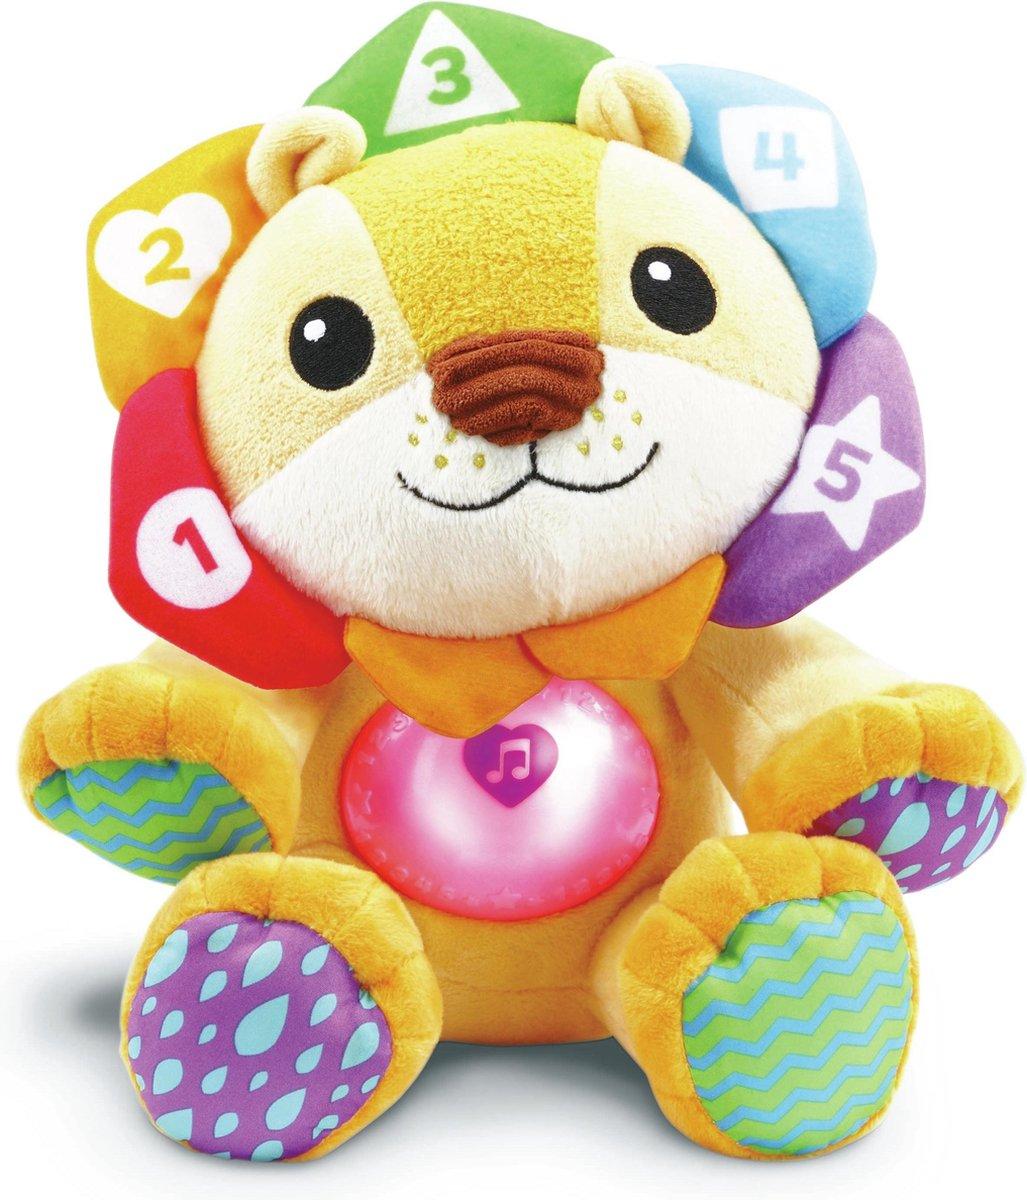 VTECH - 607105 - Tiago, Lion Cub of Discoveries